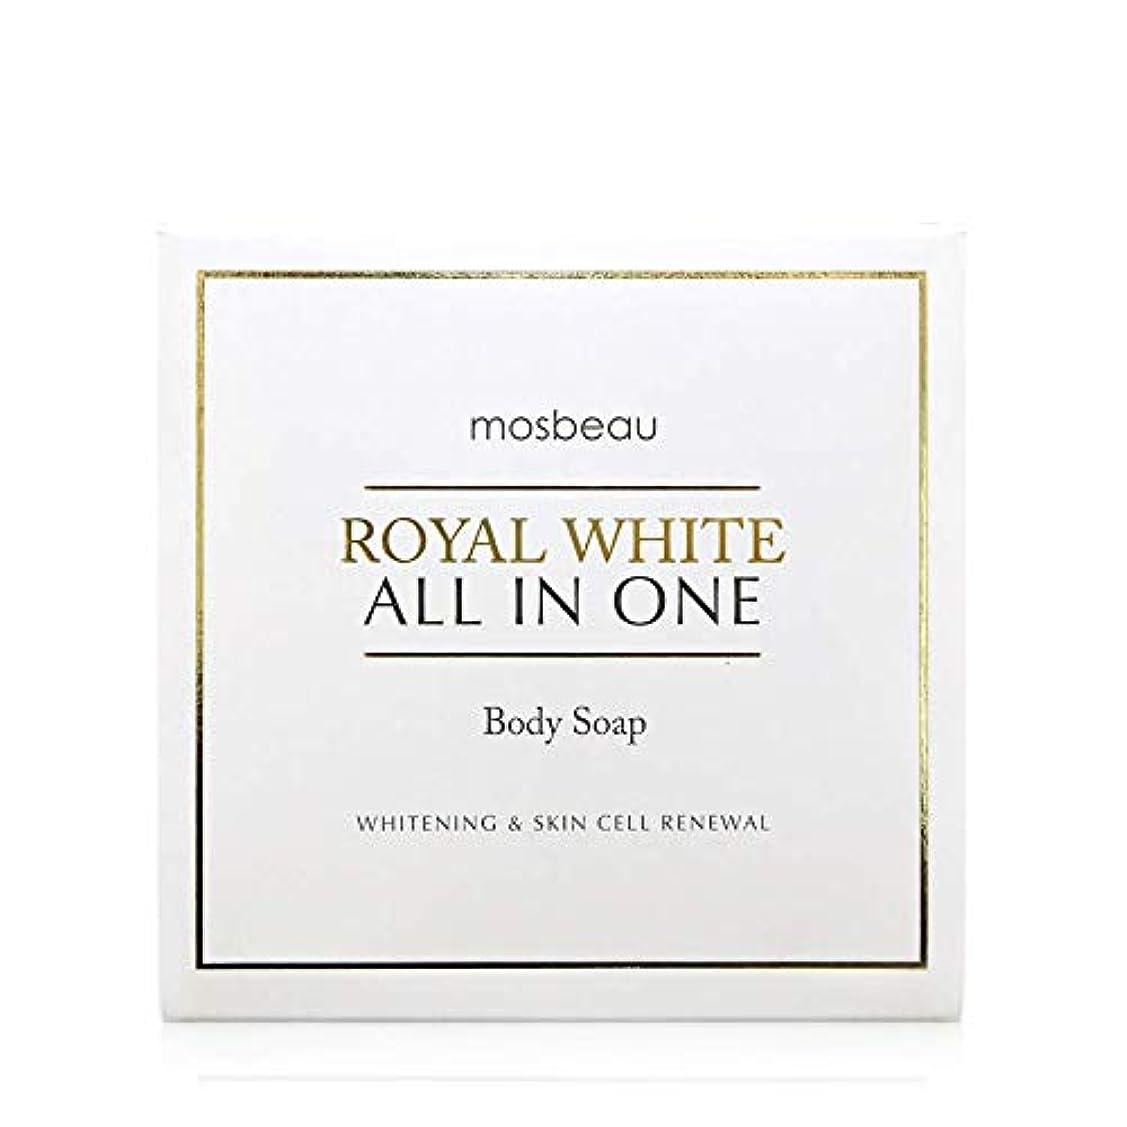 ロードされた不規則性配分mosbeau ROYAL WHITE ALL-IN-ONE BODY SOAP 100g ロィヤルホワイトオールインワンボディーソープ